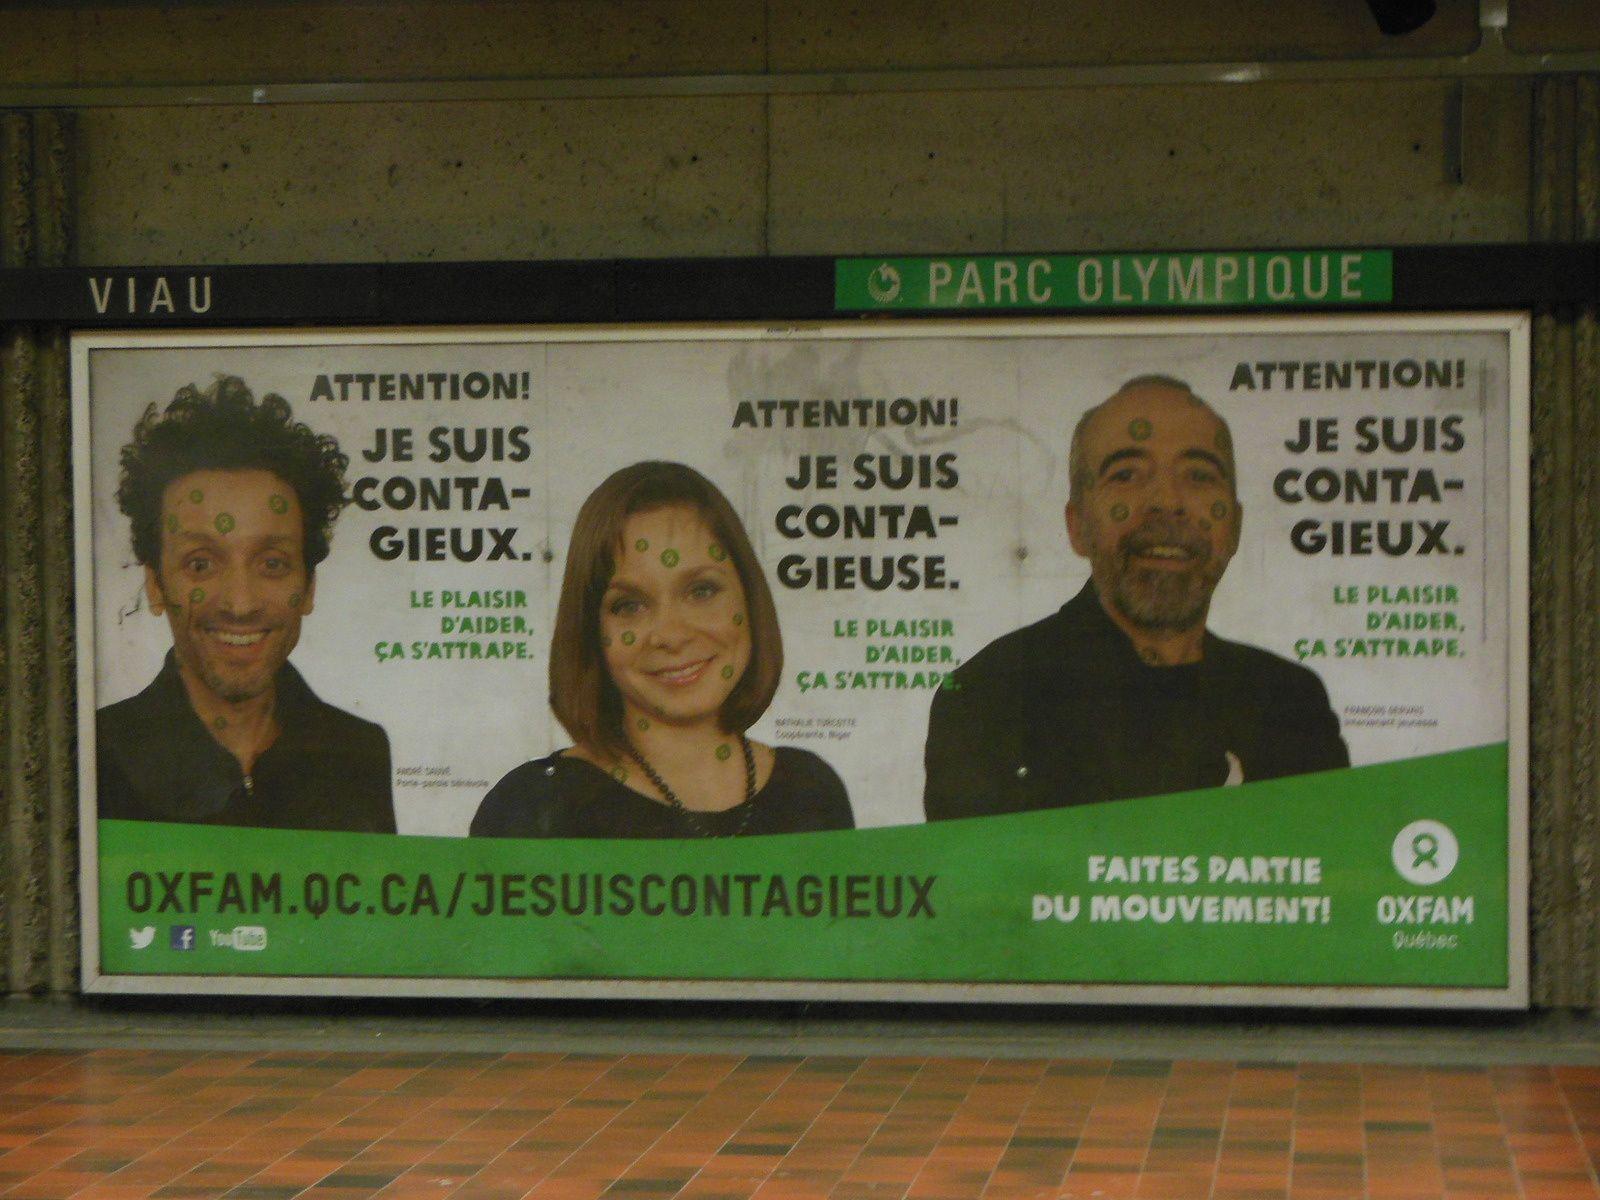 Vu dans le métro à Montréal  !